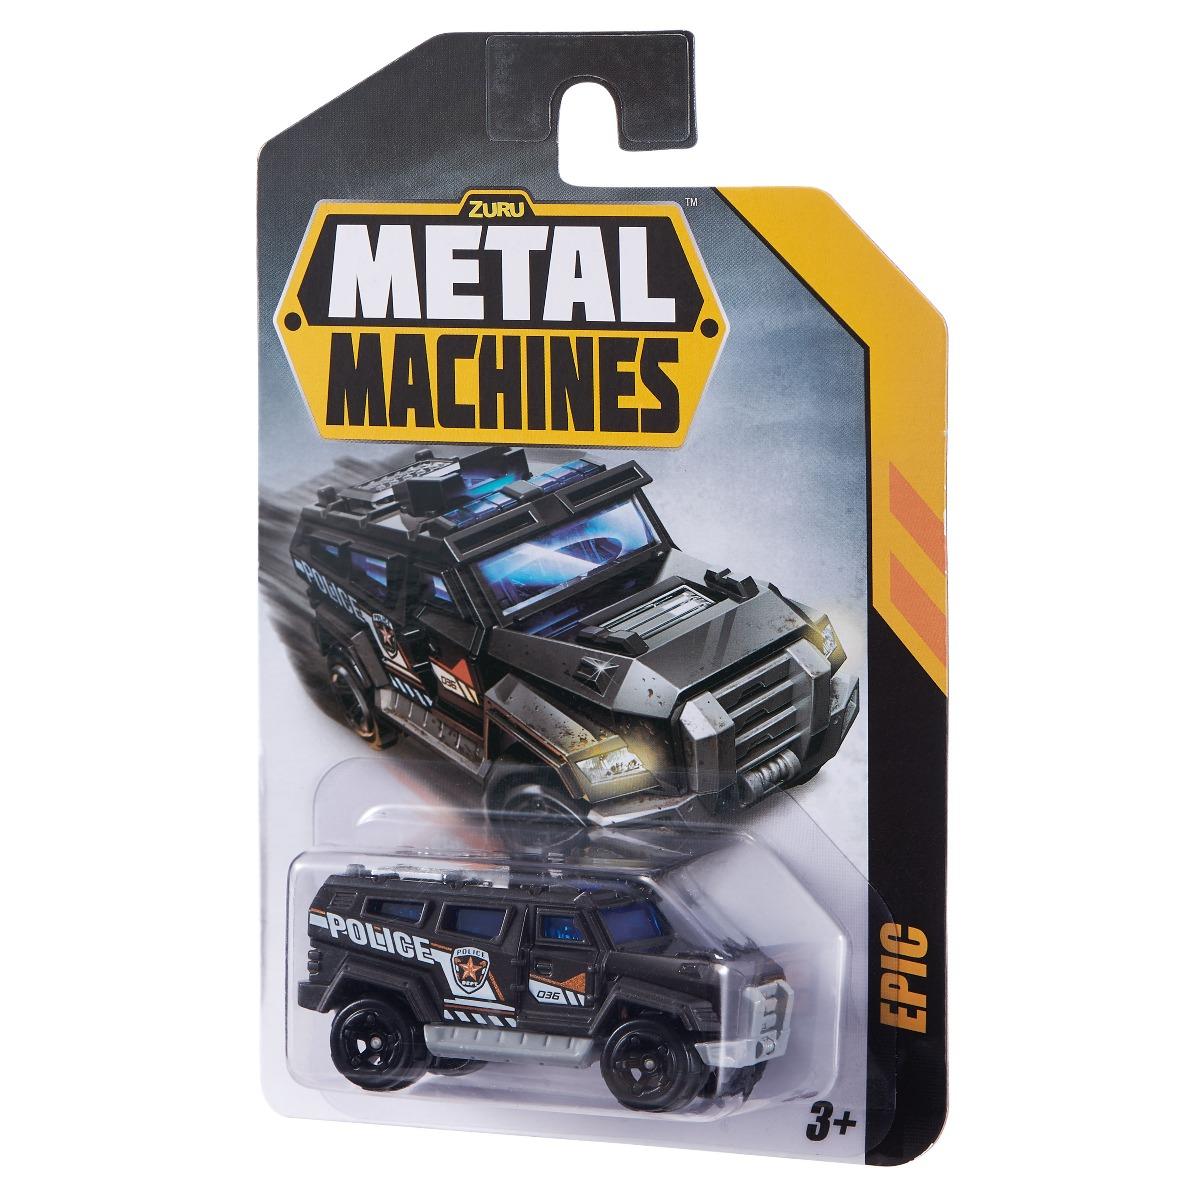 Masinuta Metal Machines Epic, 1:64, Negru